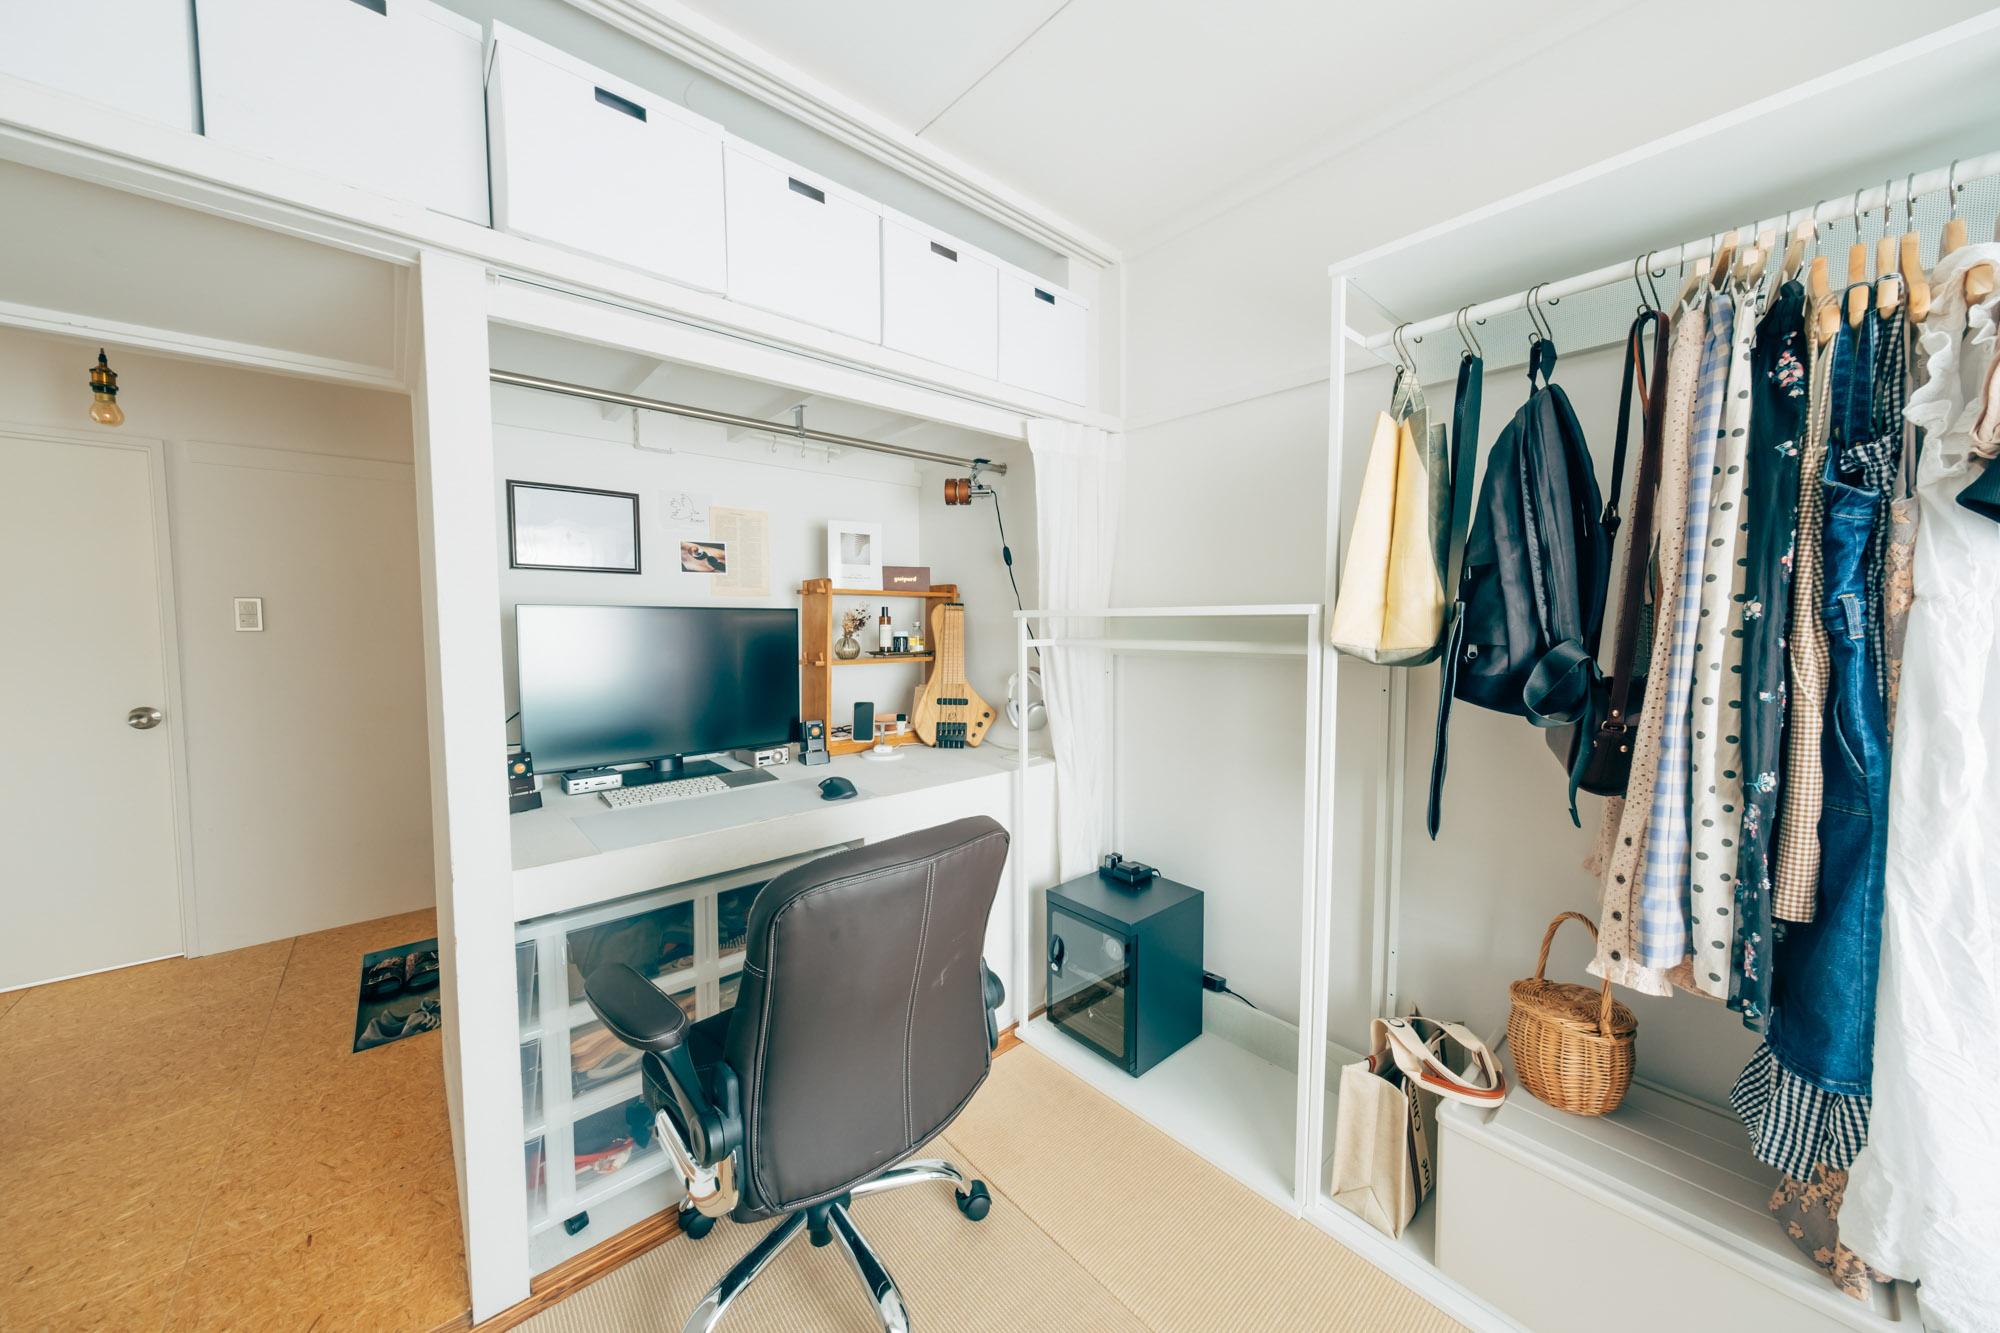 玄関横の4.5畳のお部屋は、ウォークインクローゼット風のスペース。こちらの元押入れは収納としては使わず、Yuさんのデスクスペースとして活用されていました。「大きなモニターがあるとインテリアを邪魔しがちだったんですが、ここにおけばカーテンで隠すこともできて便利です」